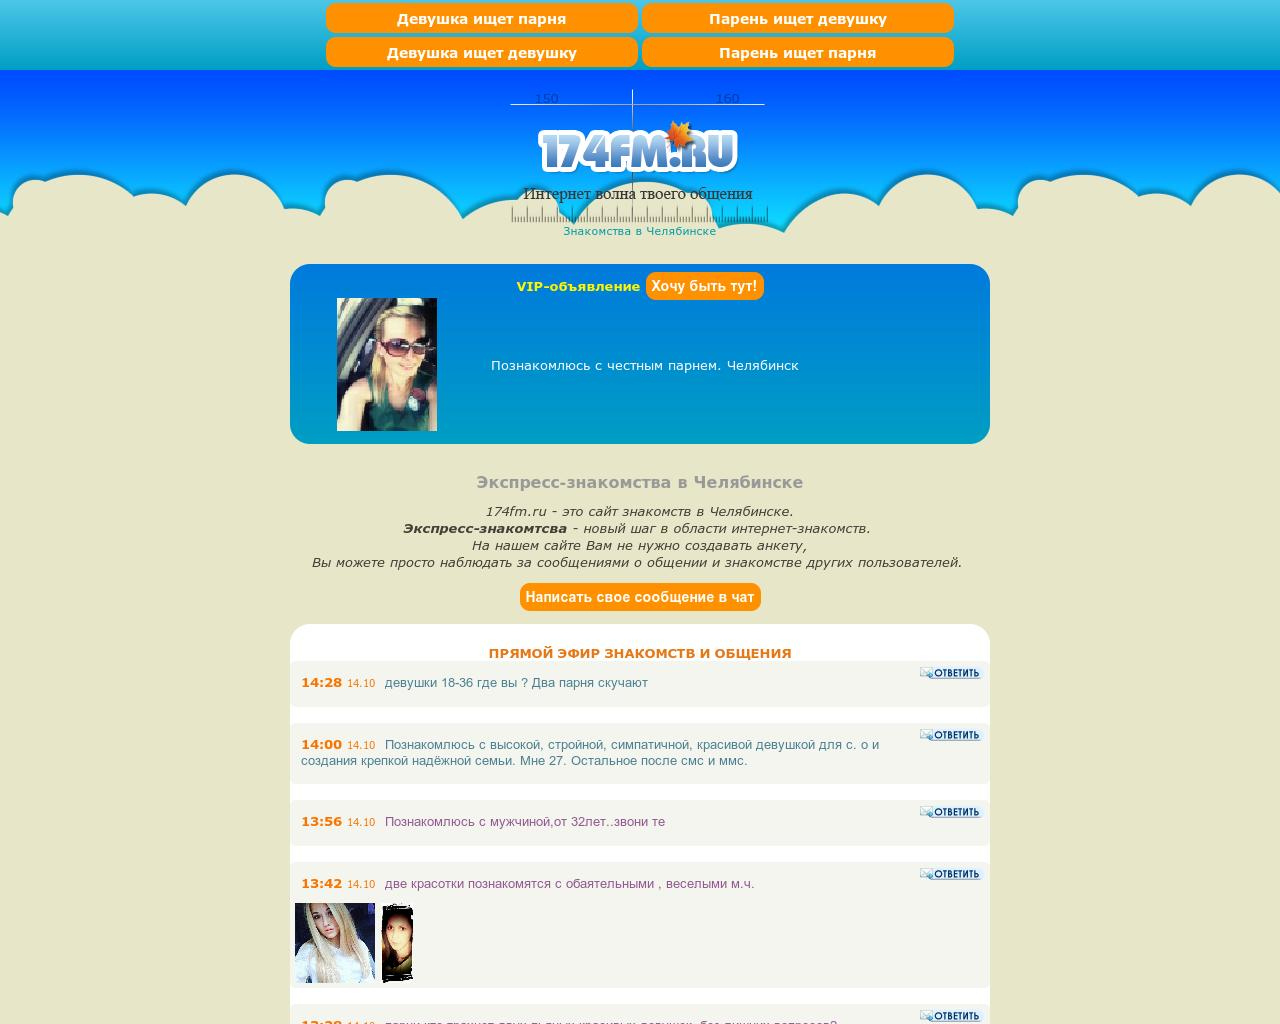 челябинск и сайты знакомства общения для